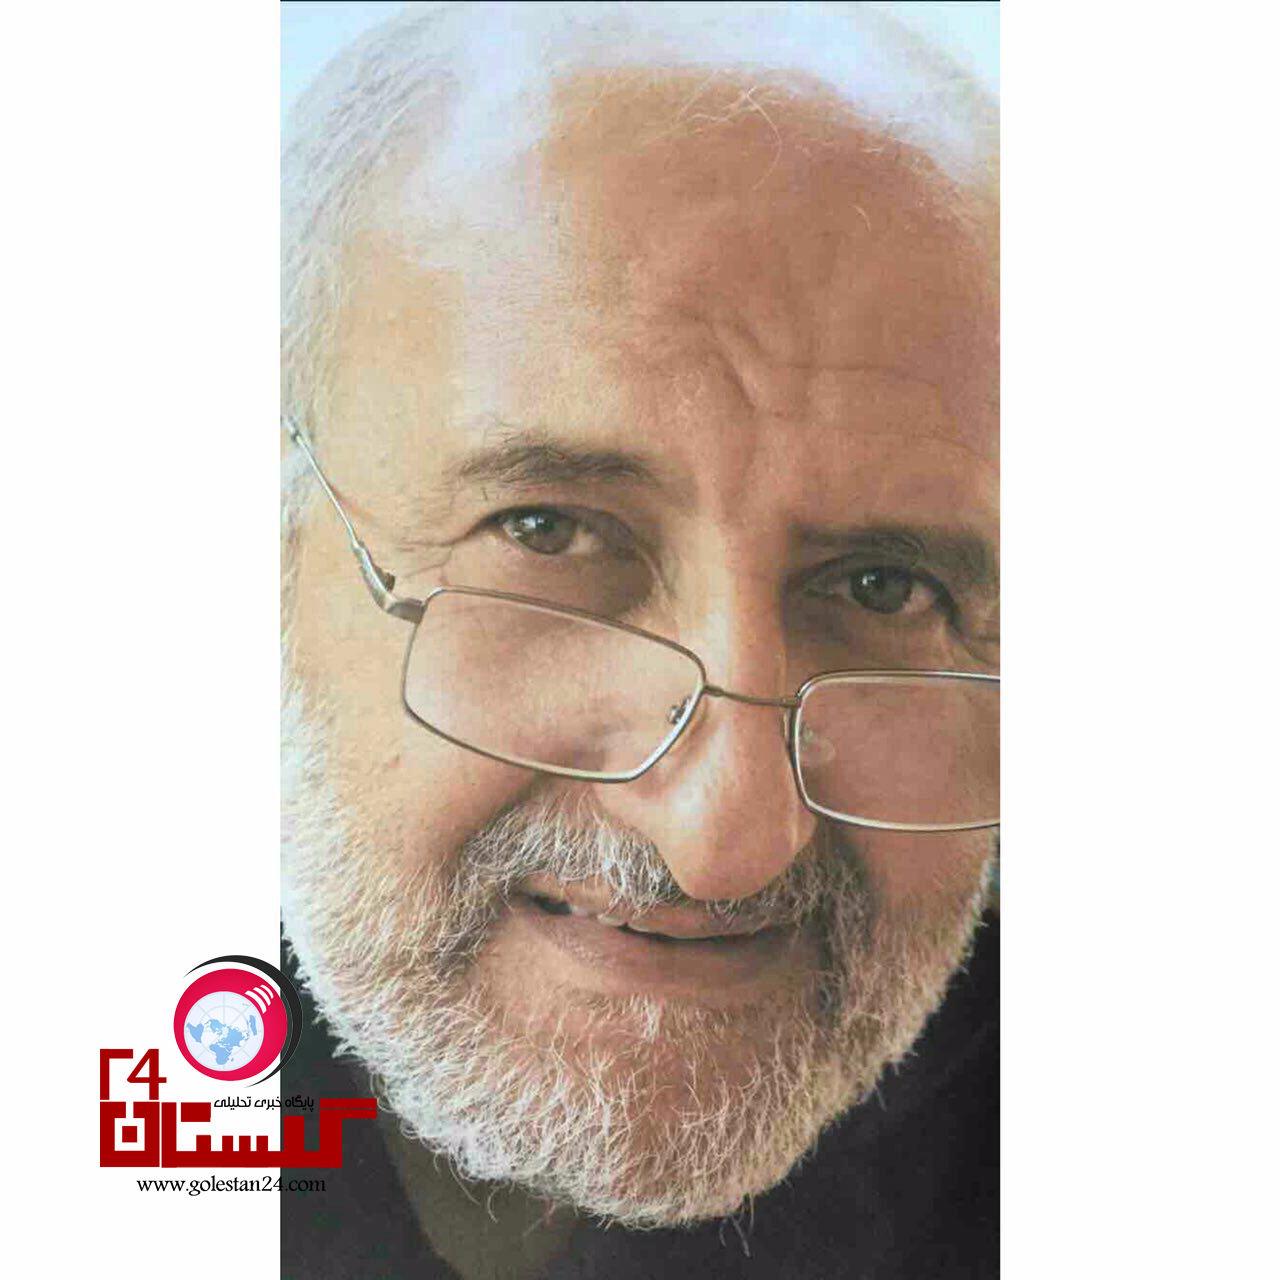 سیدحسین رئیسی